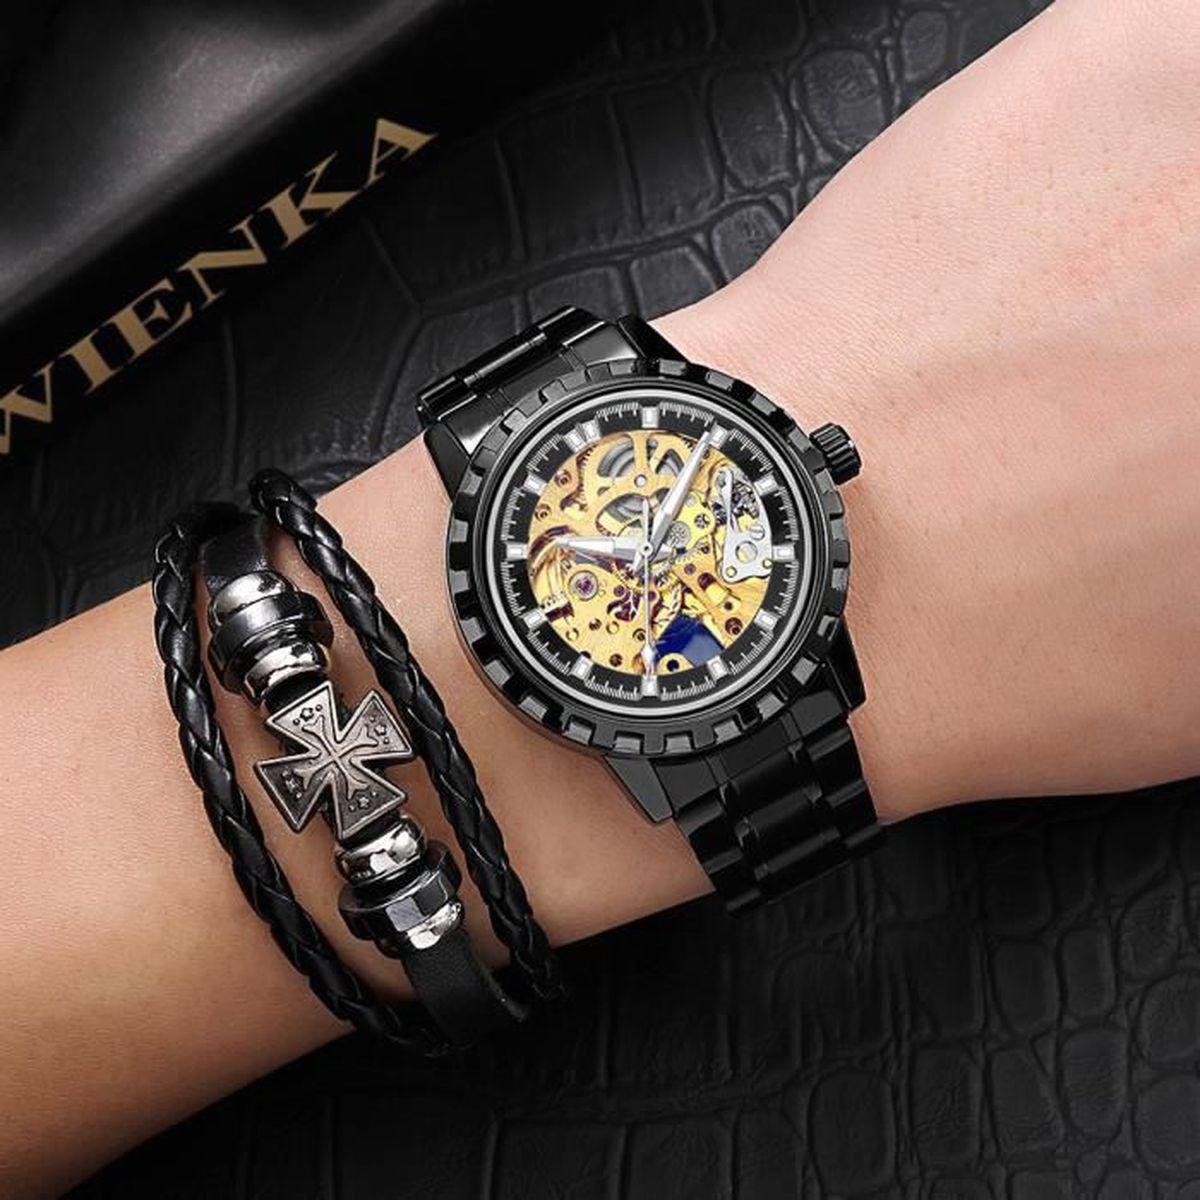 Bracelet Luxe Marque Vintage Coffret De Automatique Top VpMUzS